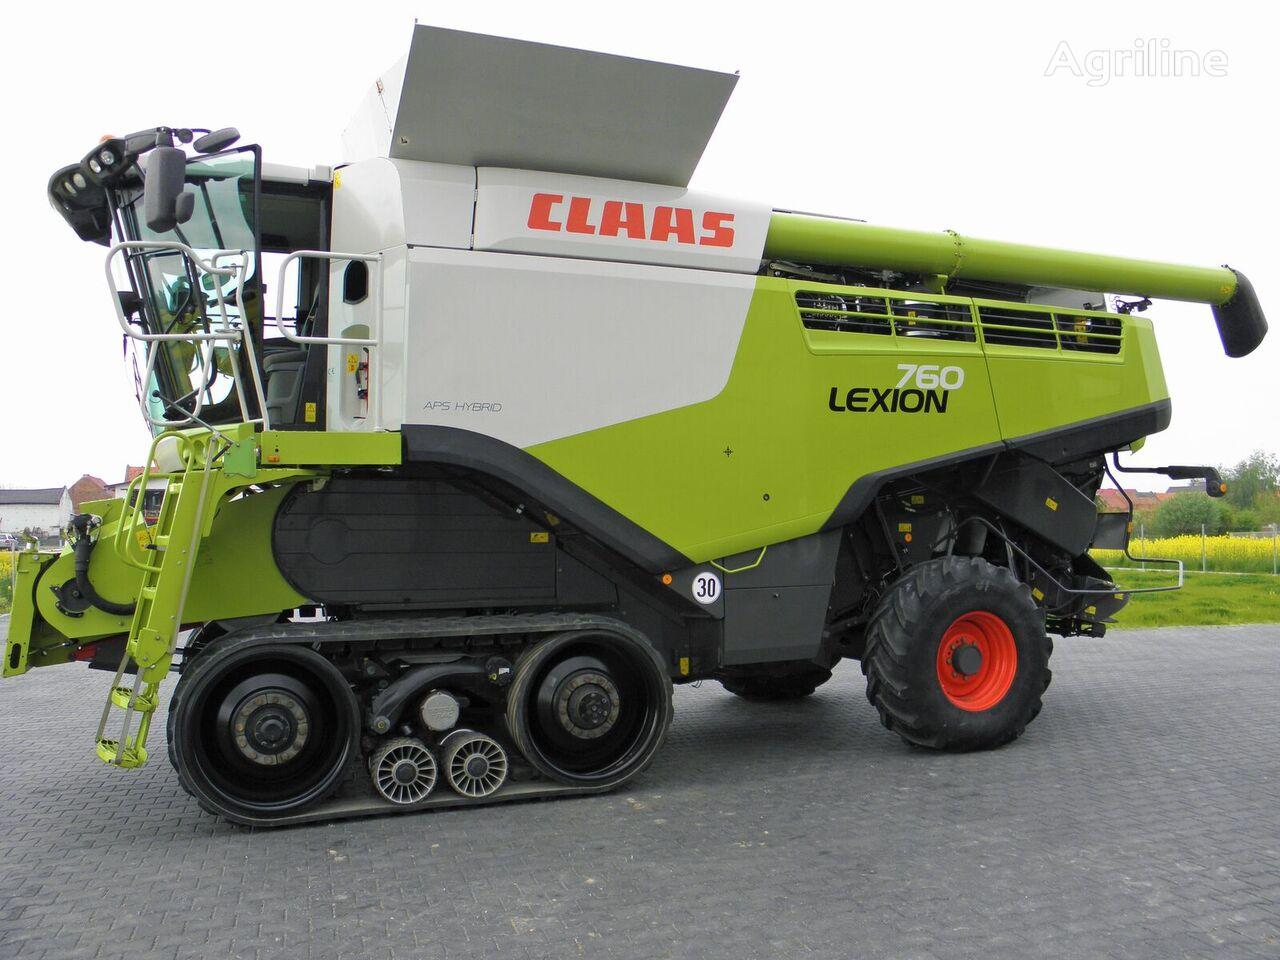 CLAAS Lexion 760 Terra Trac grain harvester